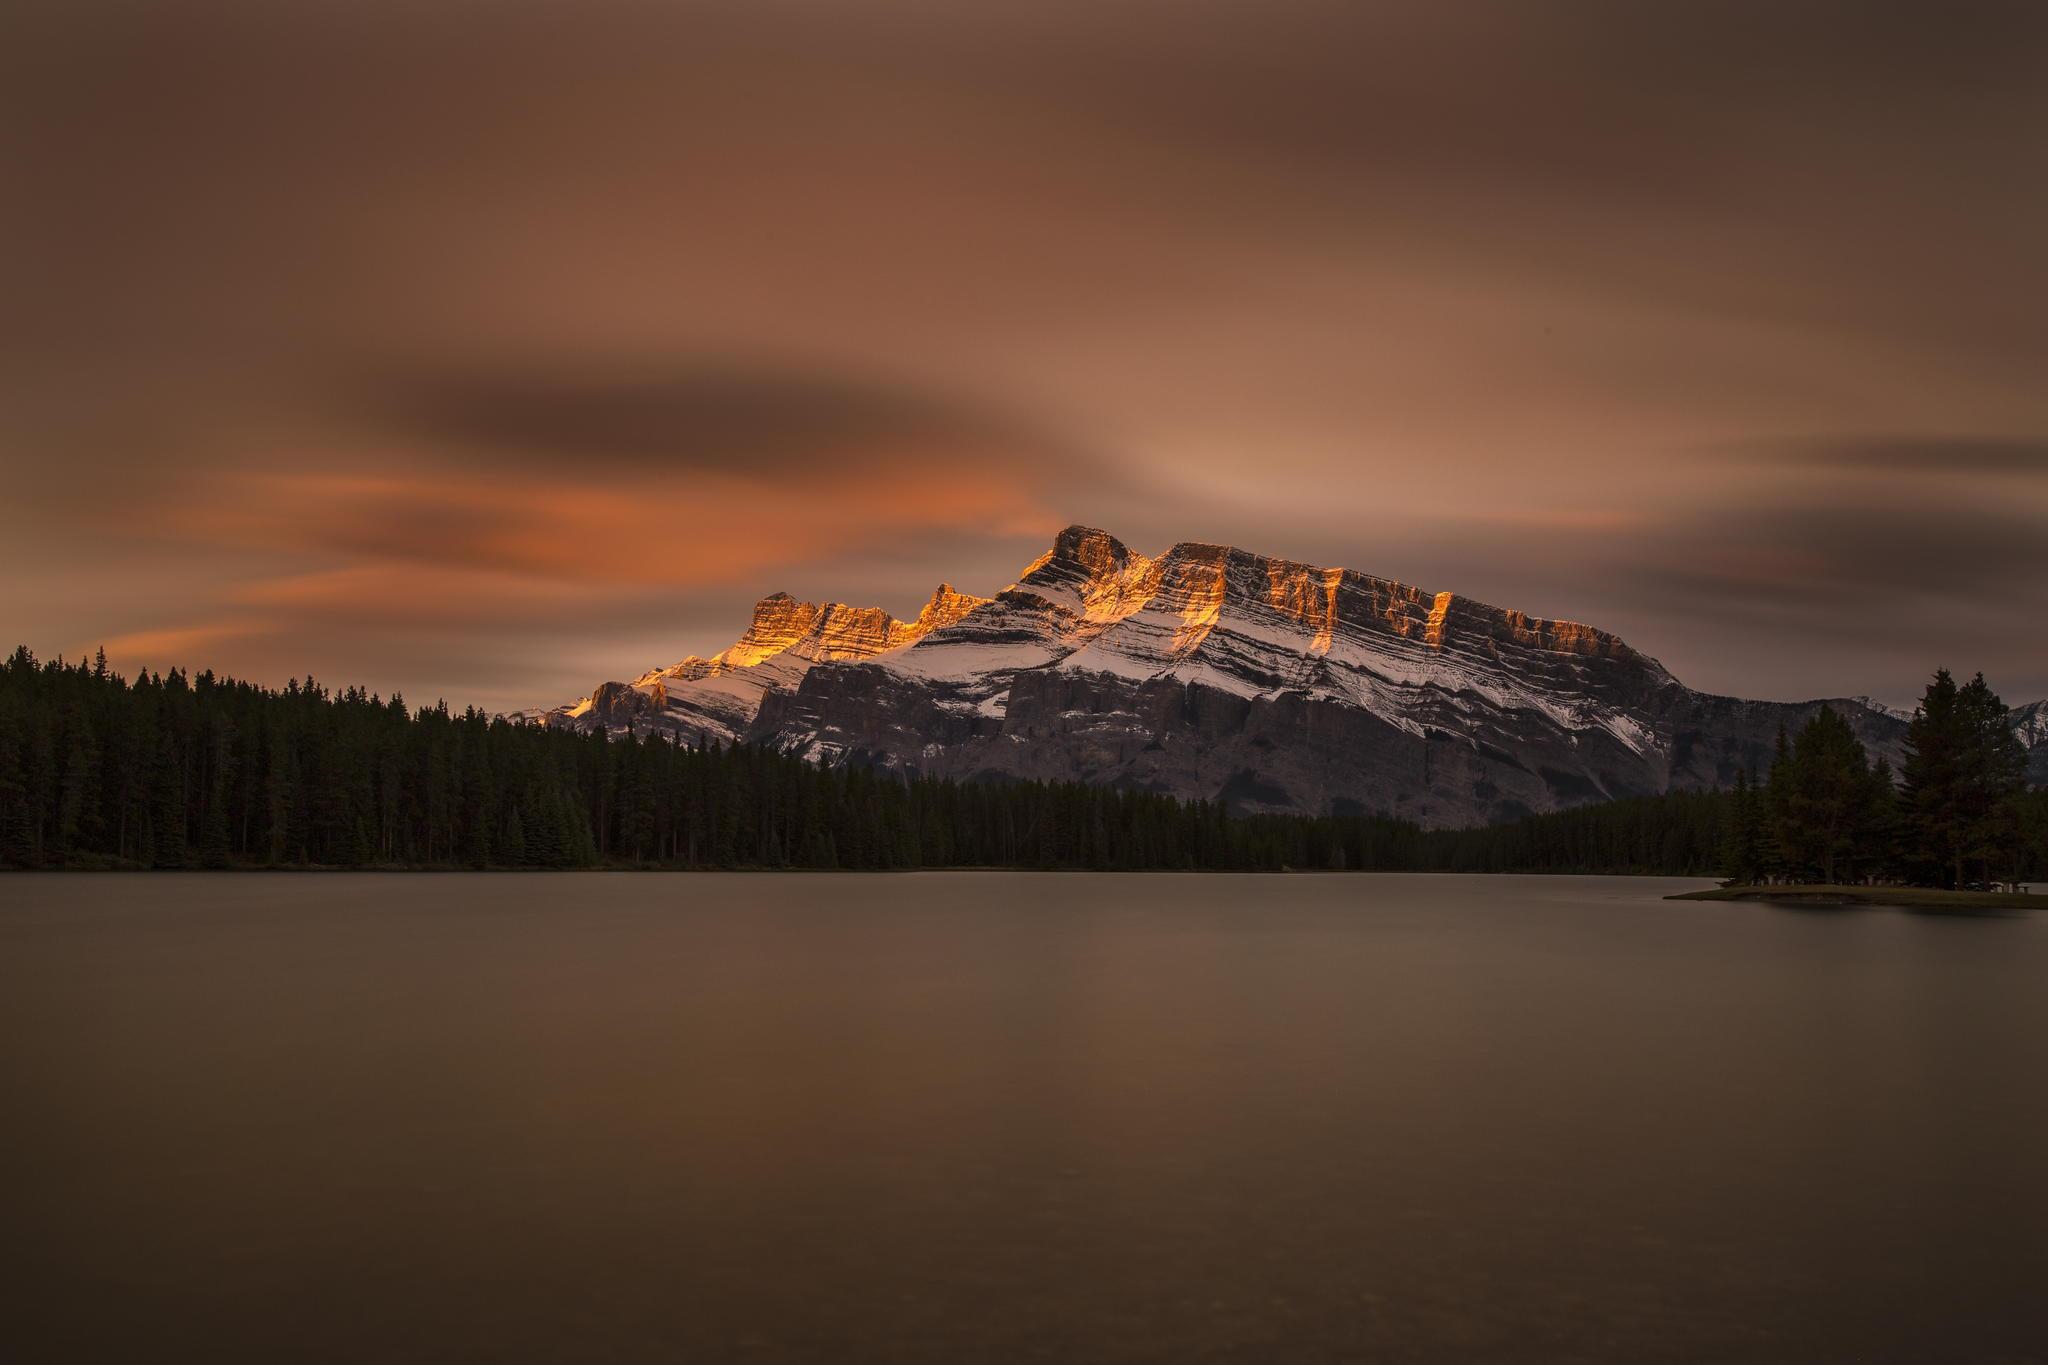 100974 Заставки и Обои Озеро на телефон. Скачать Озеро, Горы, Канада, Природа, Национальный Парк Банф, Jack Lake картинки бесплатно